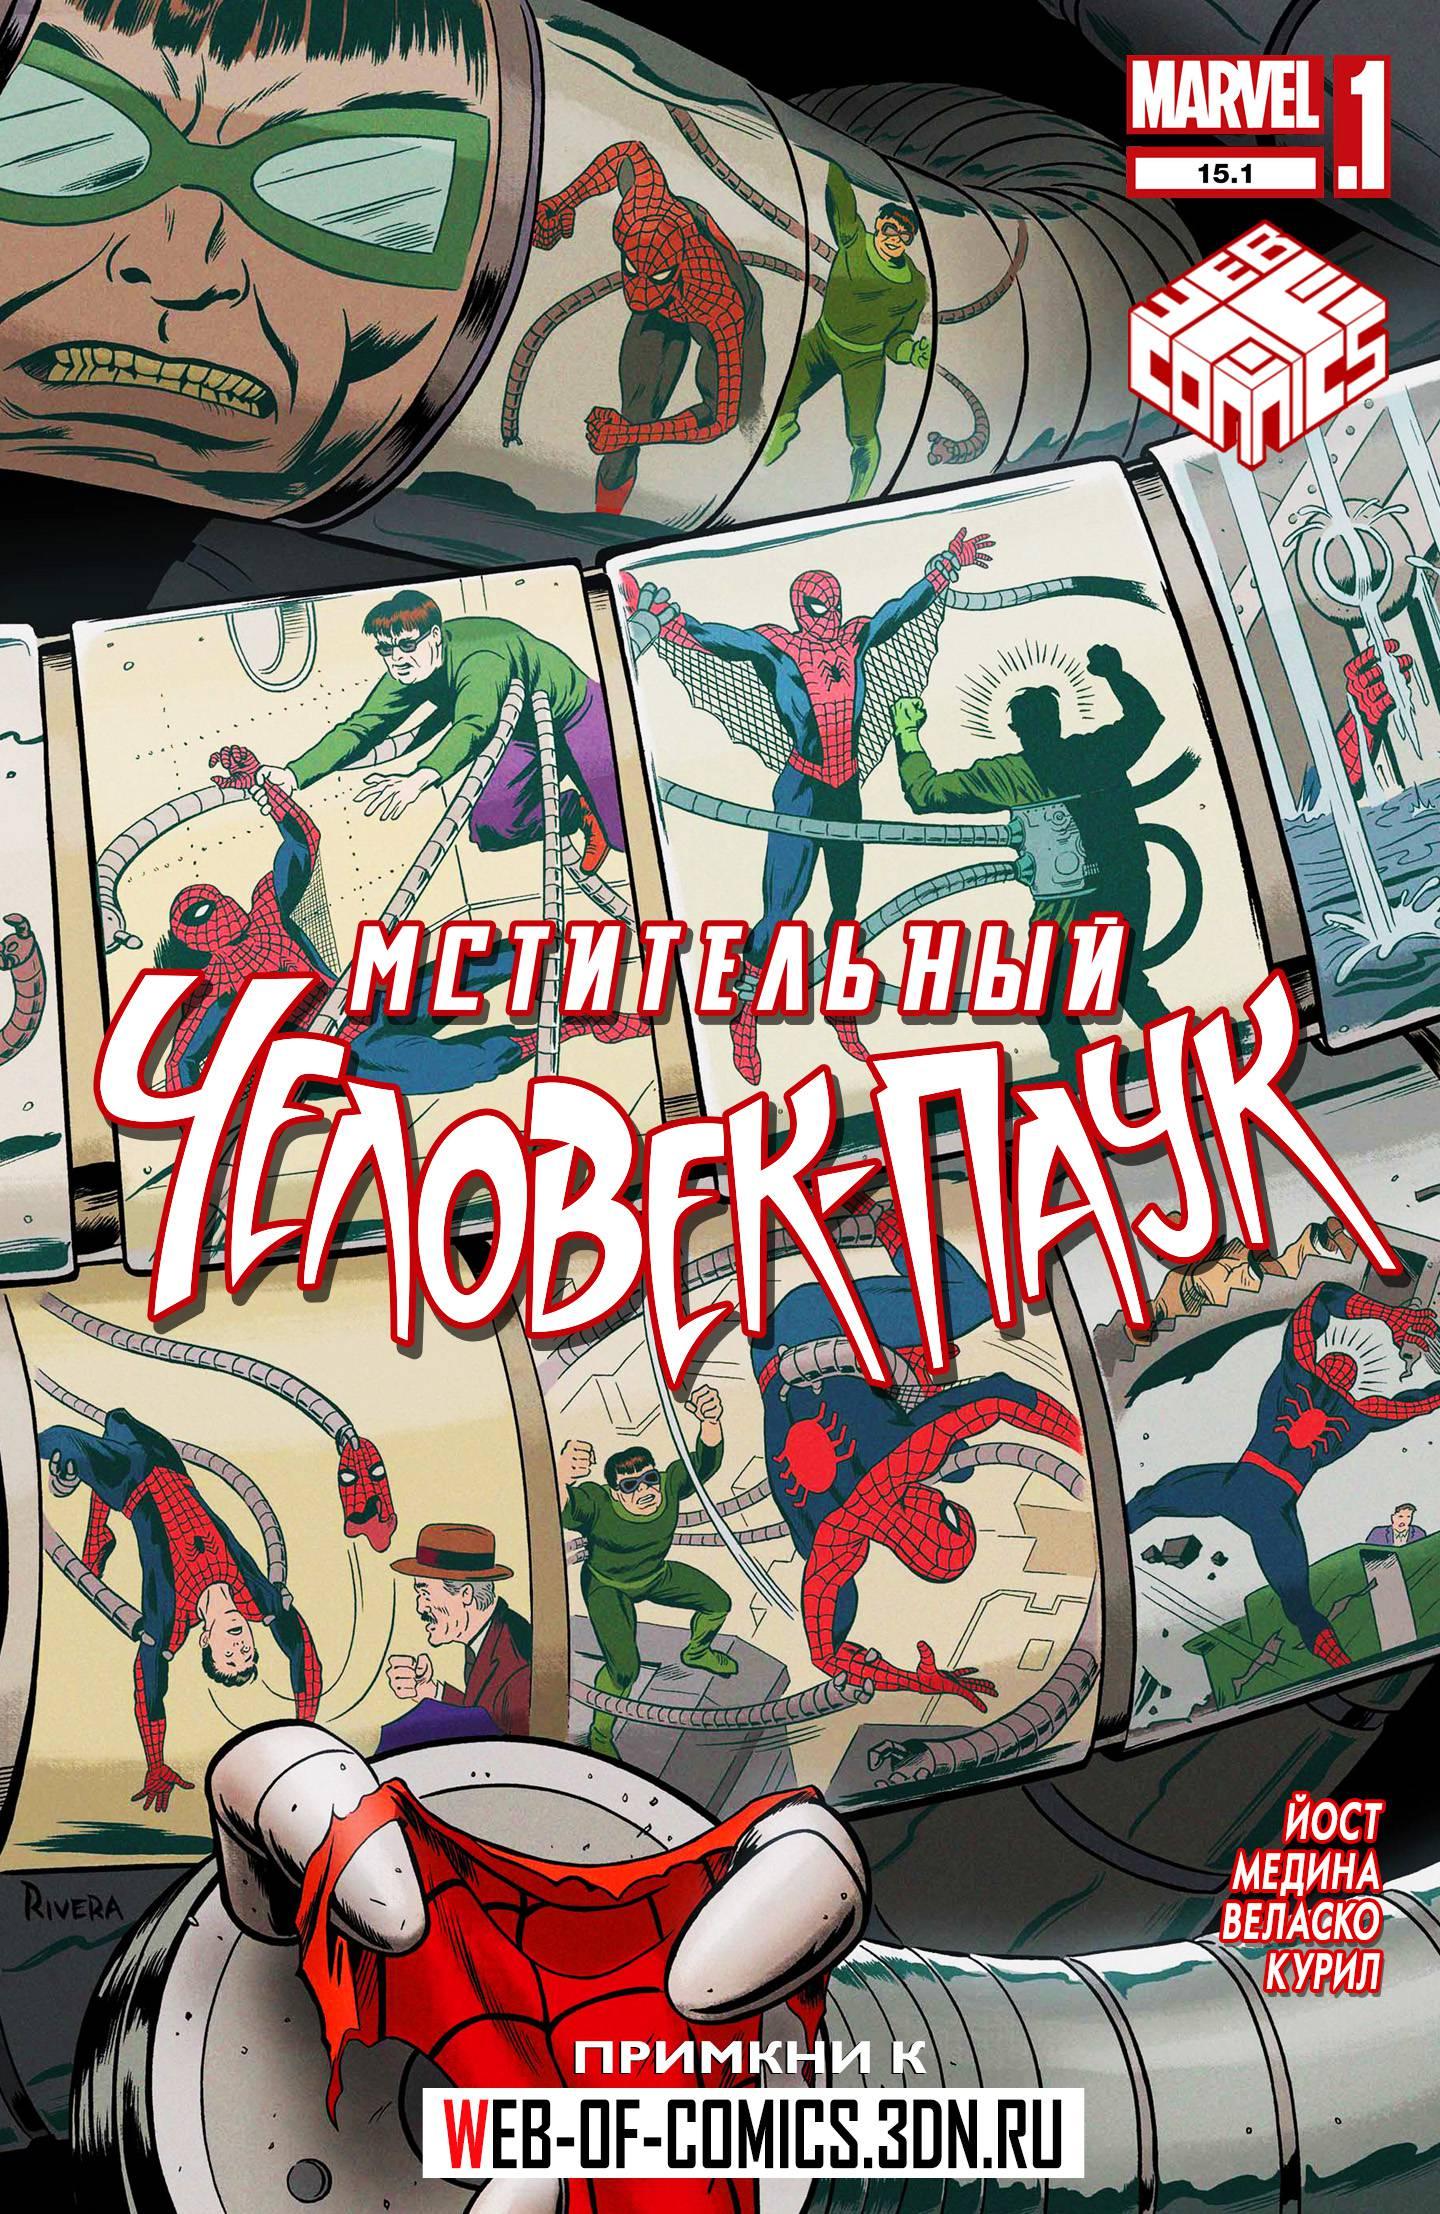 Мстительный Человек-Паук №15.1 онлайн